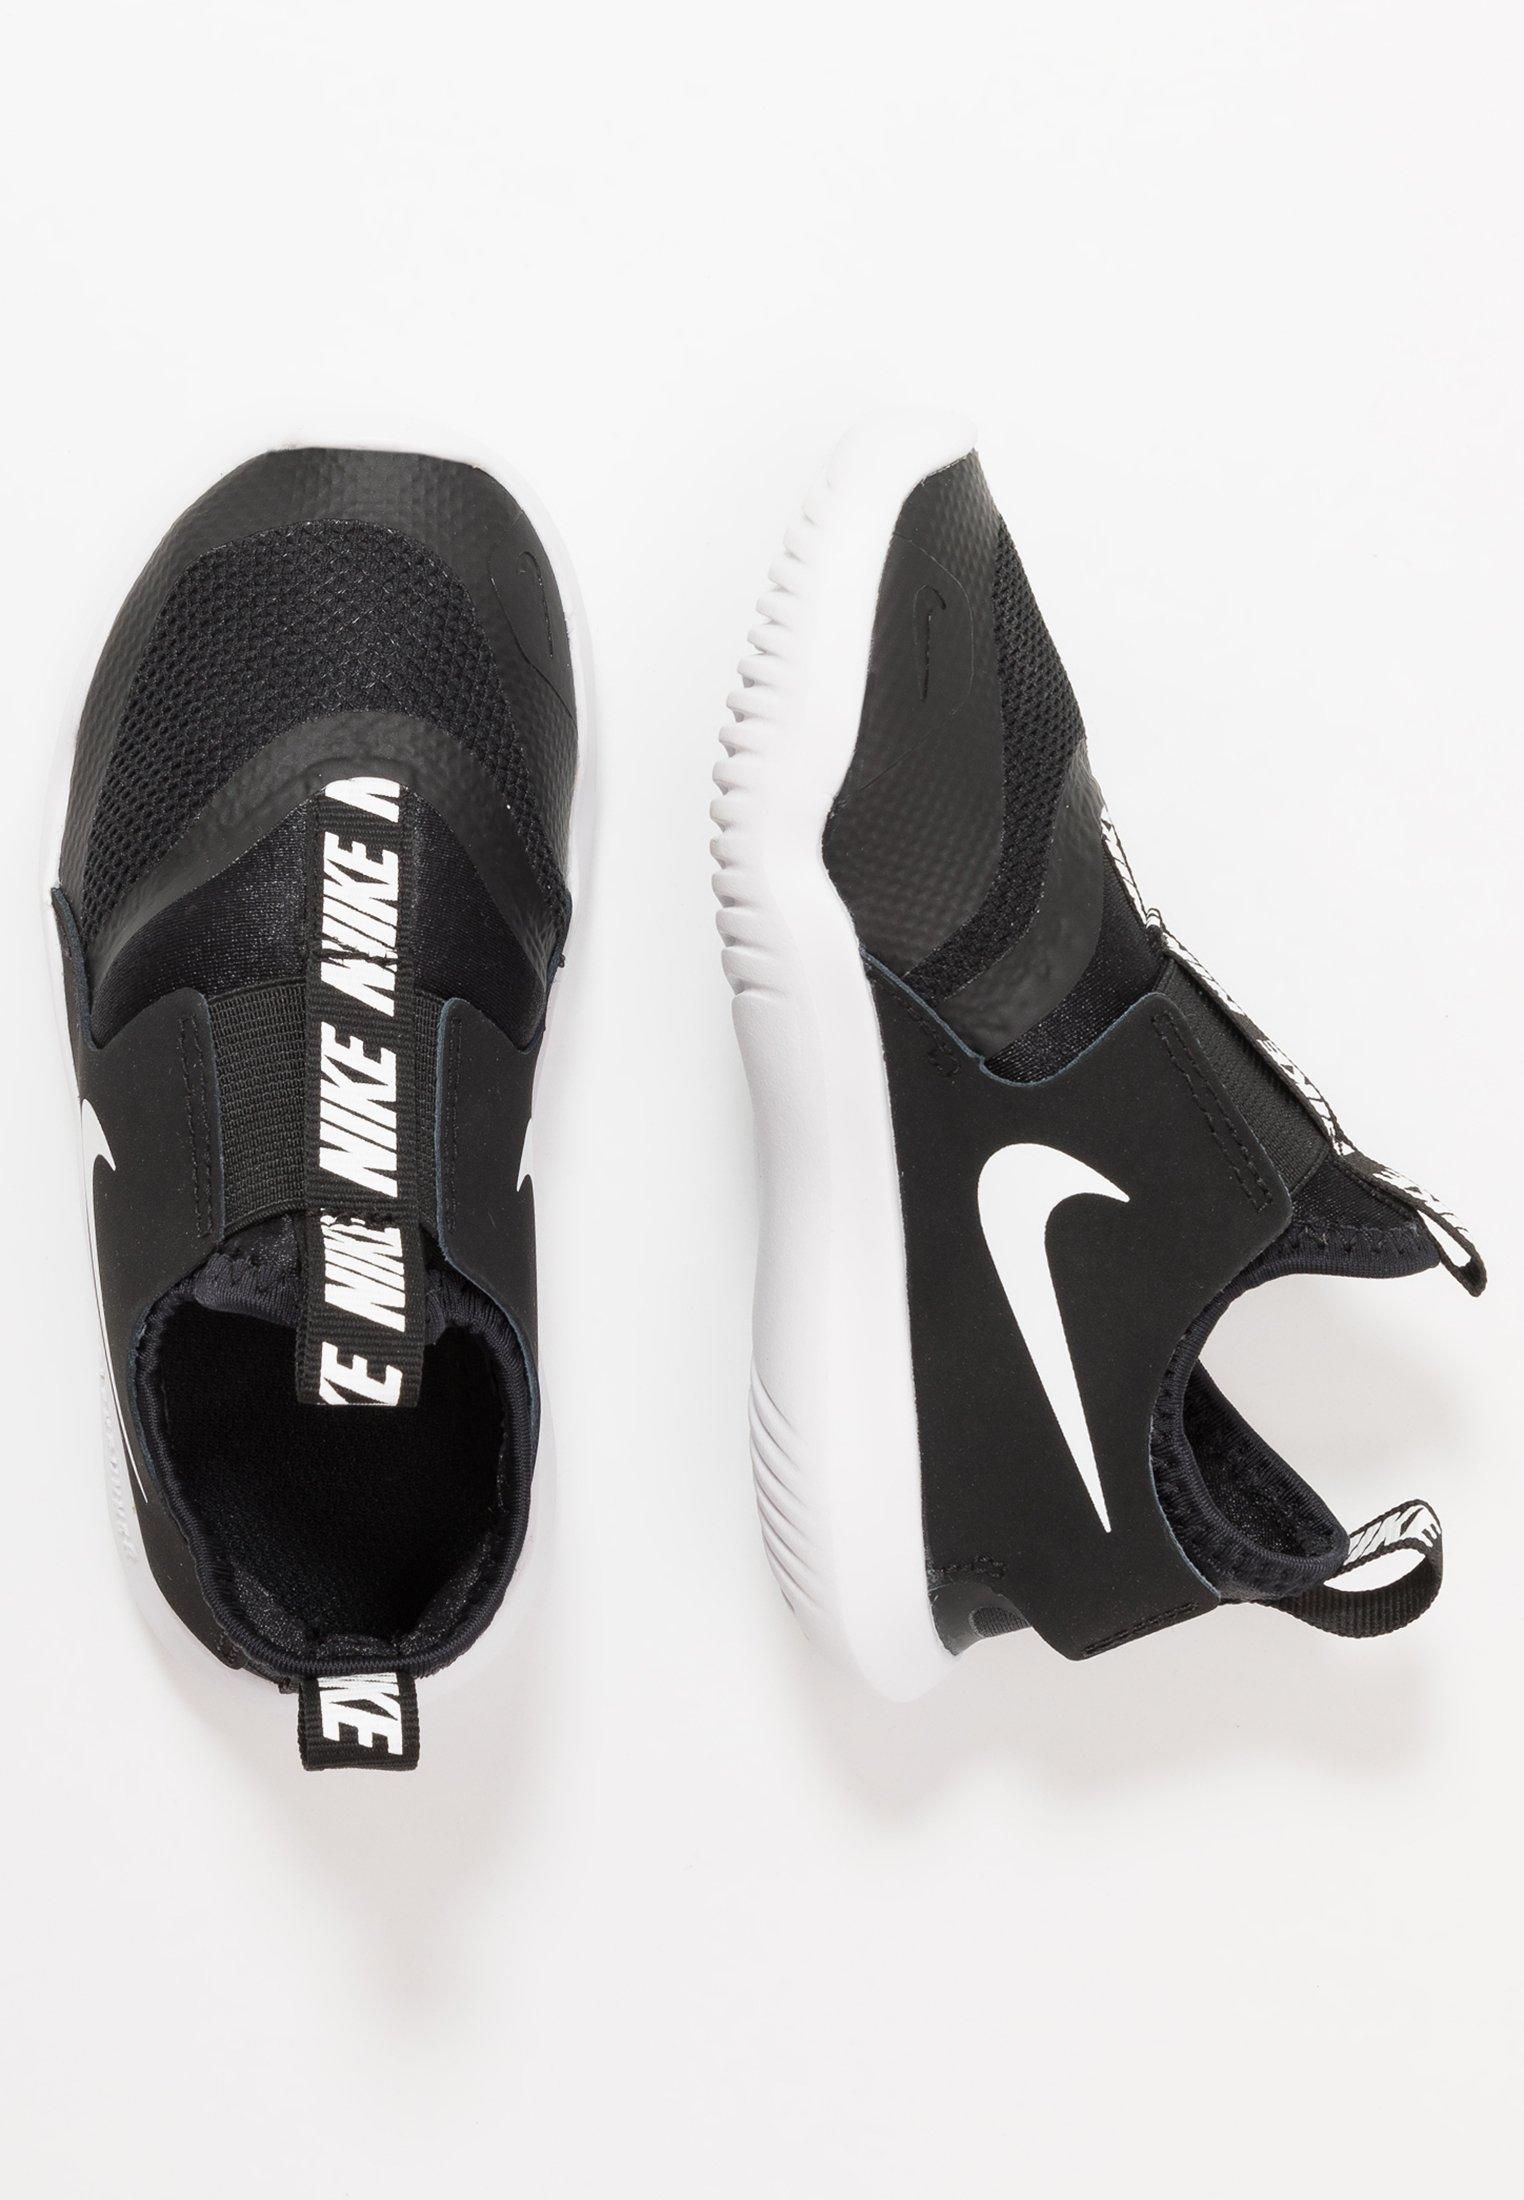 FLEX RUNNER UNISEX - Chaussures de running neutres - black/white